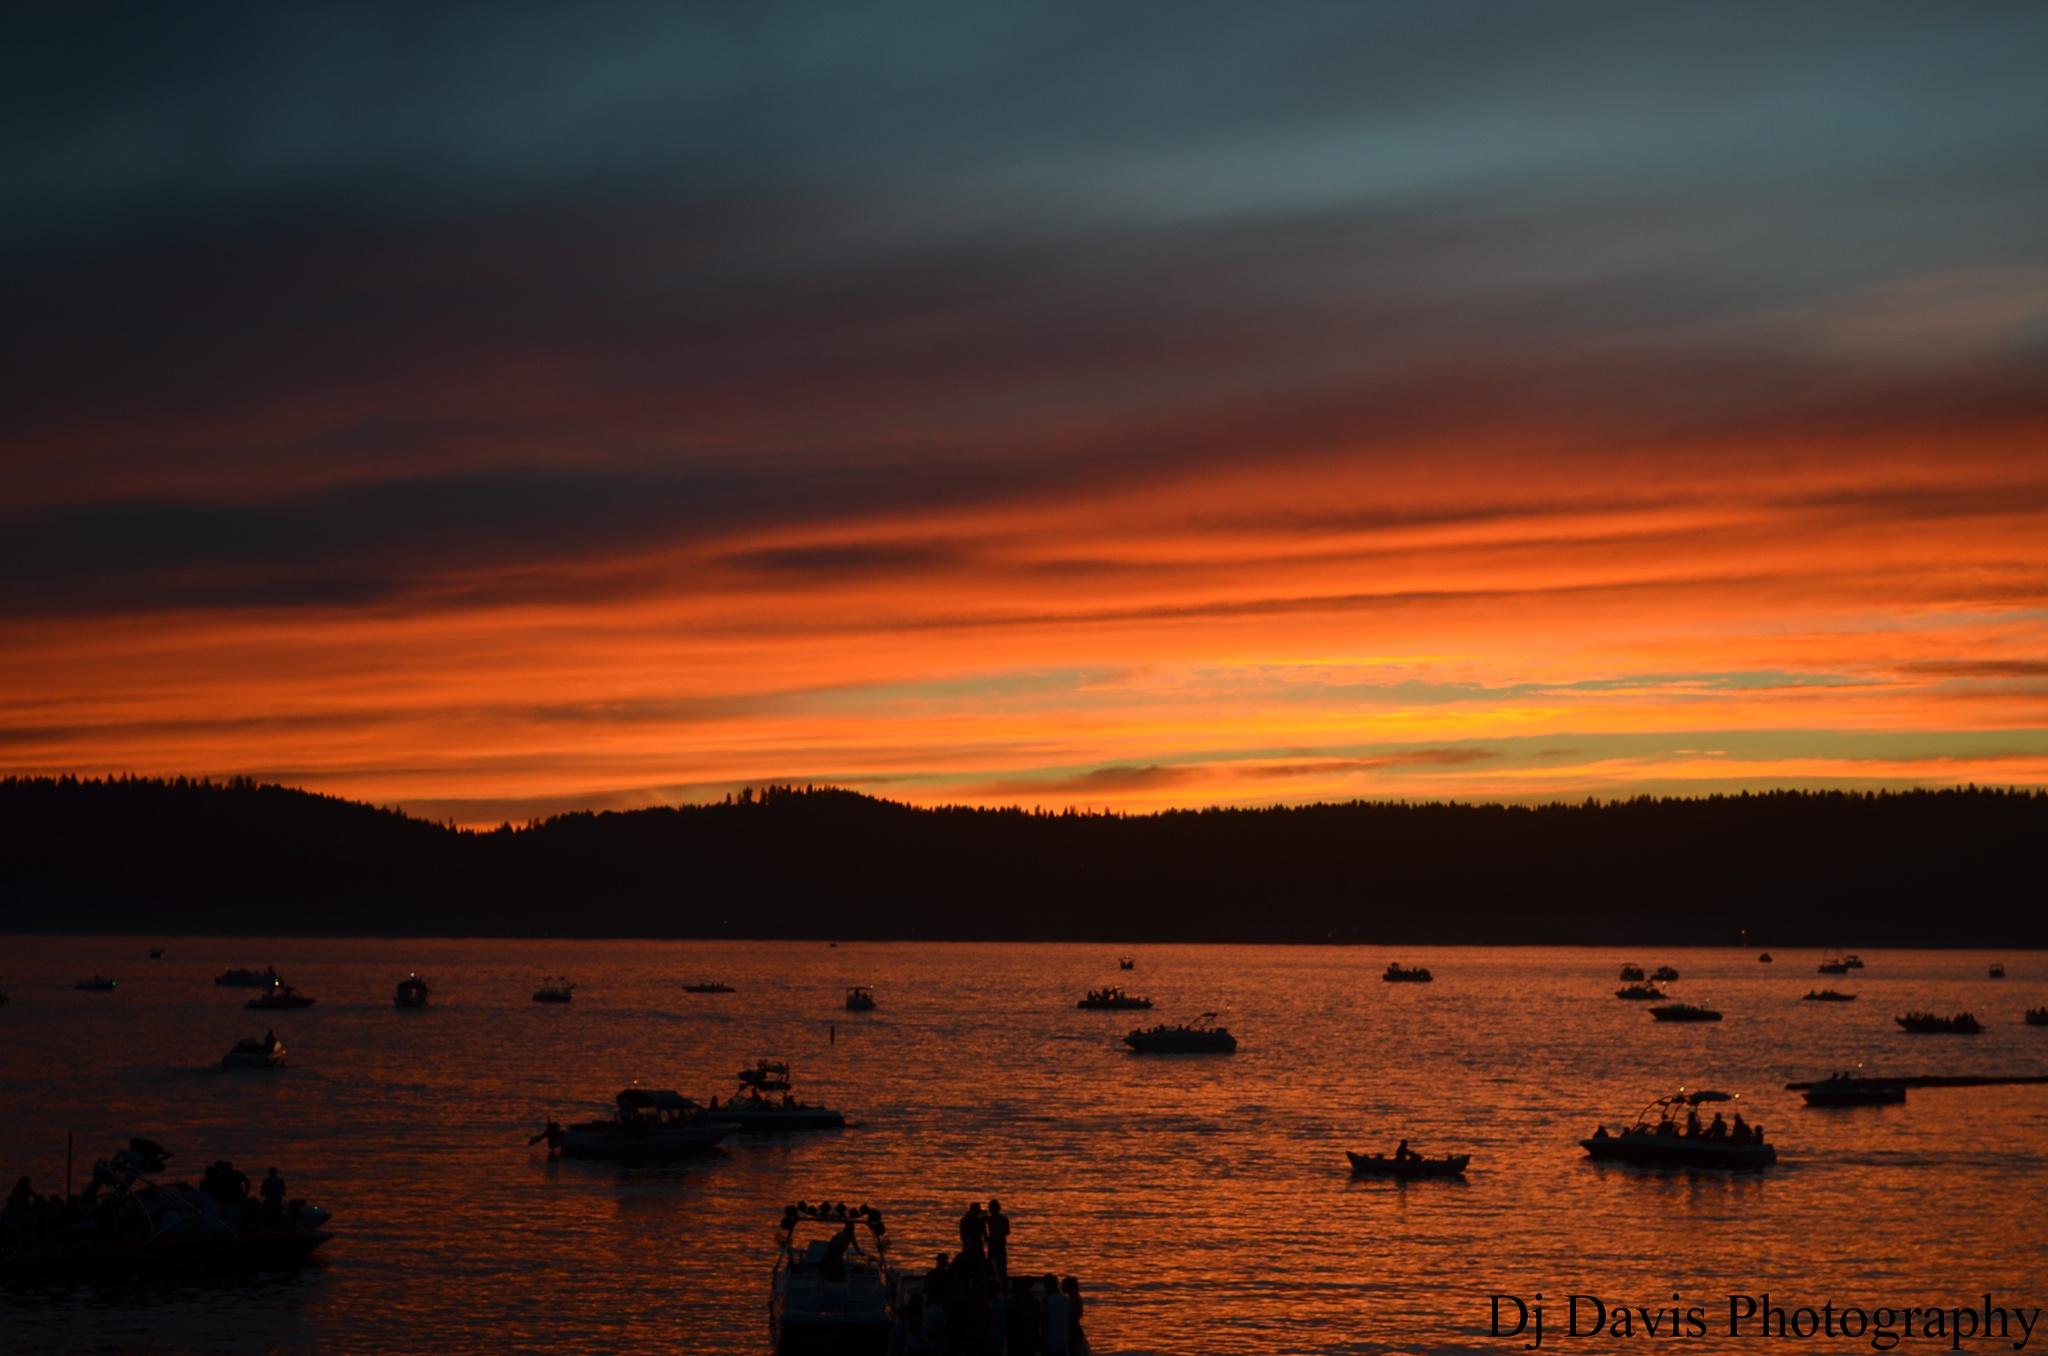 Sunset over McCall by D.j. Davis